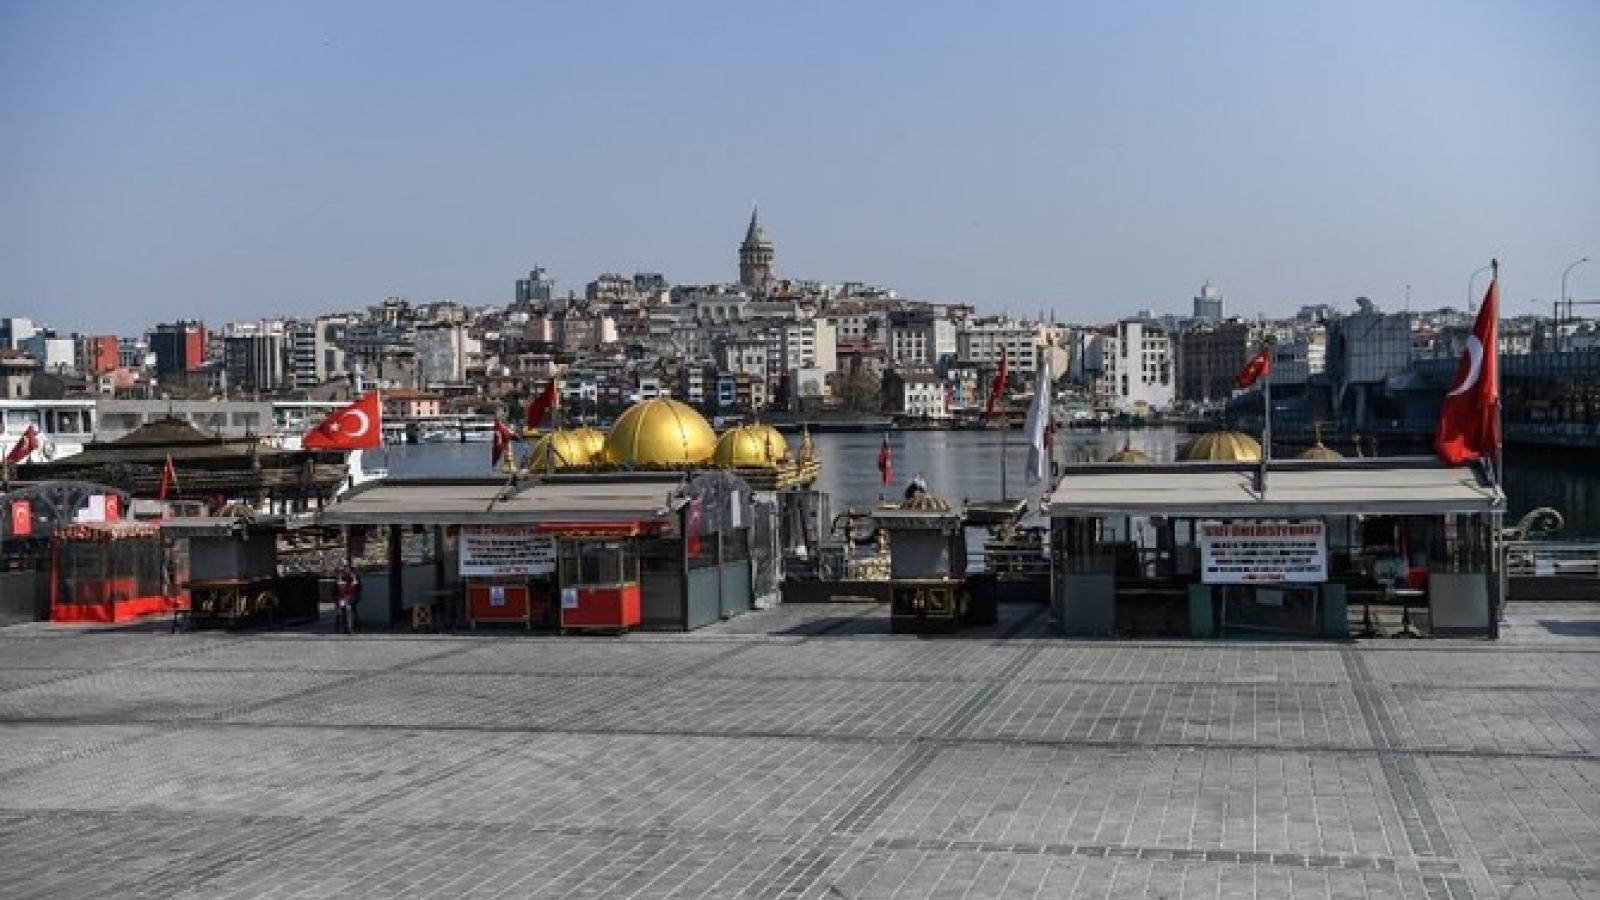 Thổ Nhĩ Kỳ ban hành luật giảm bớt tác động kinh tế do Covid-19